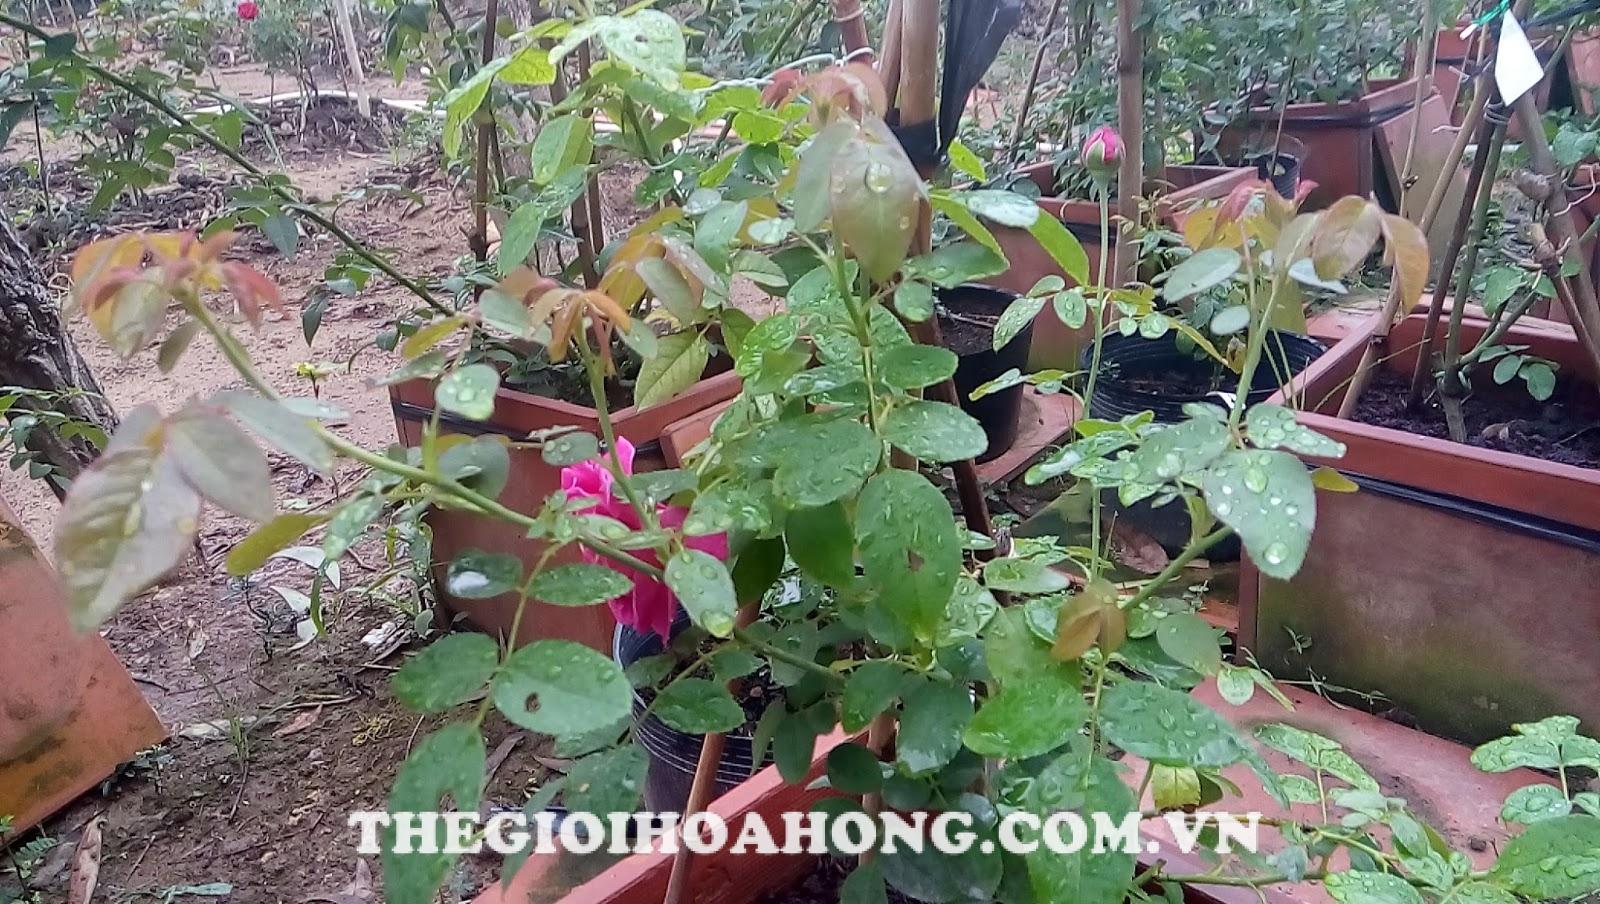 Cây hoa hồng bị bọ cánh cứng ăn lá